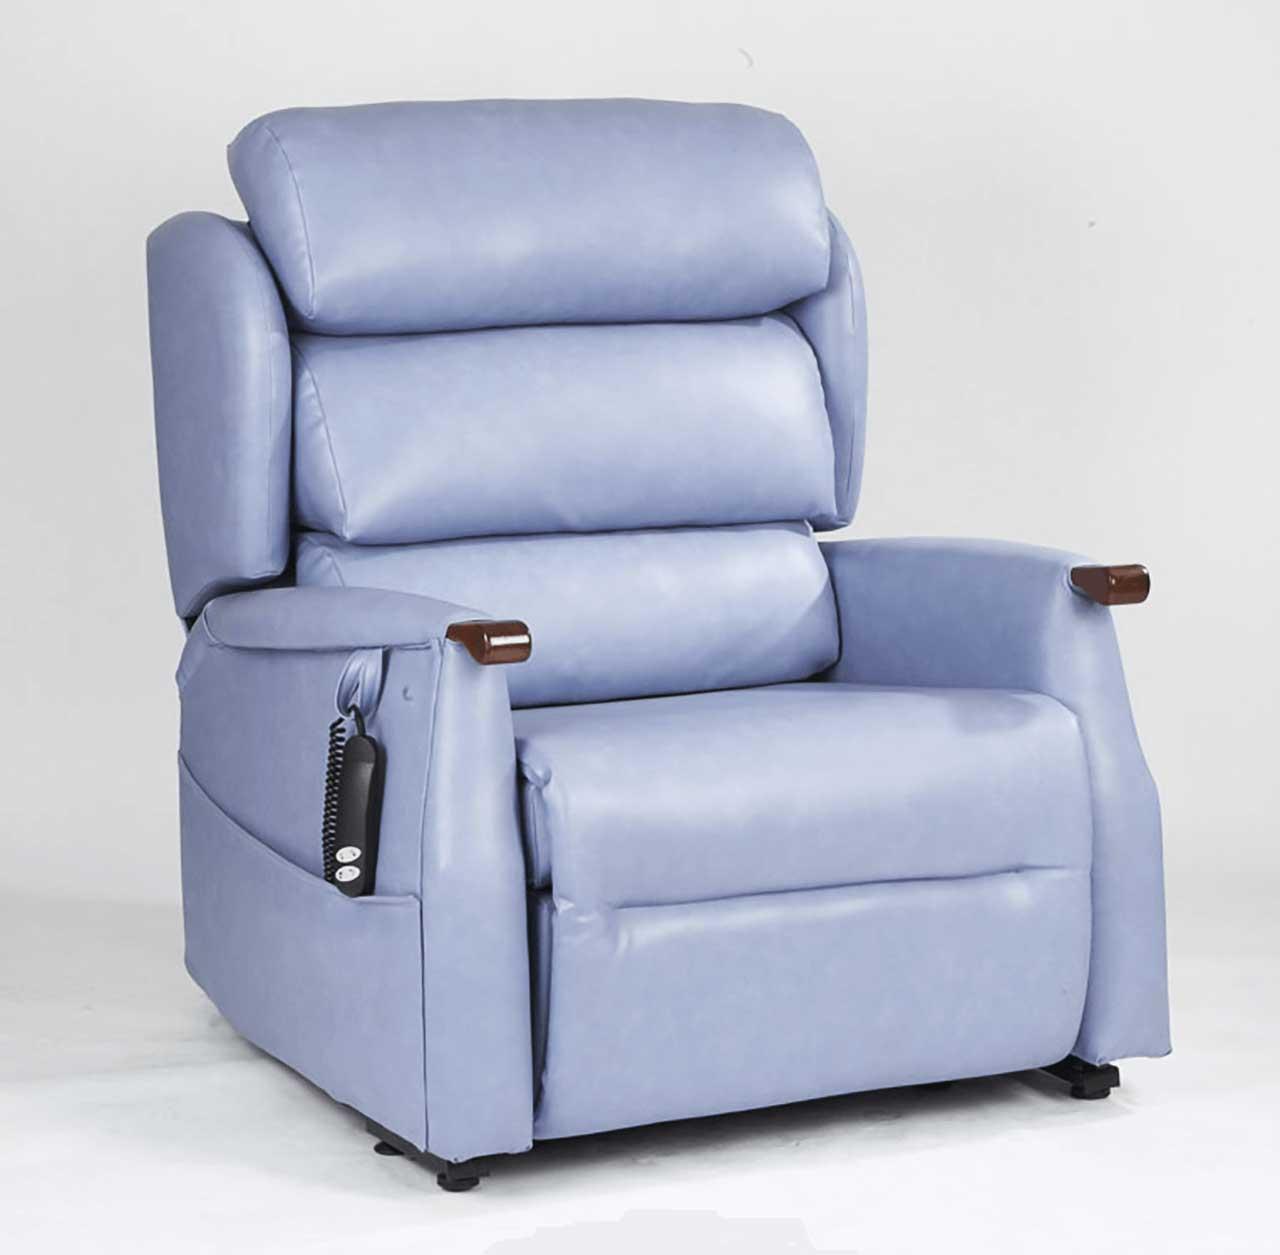 Bariatric Riser Recliner Chair